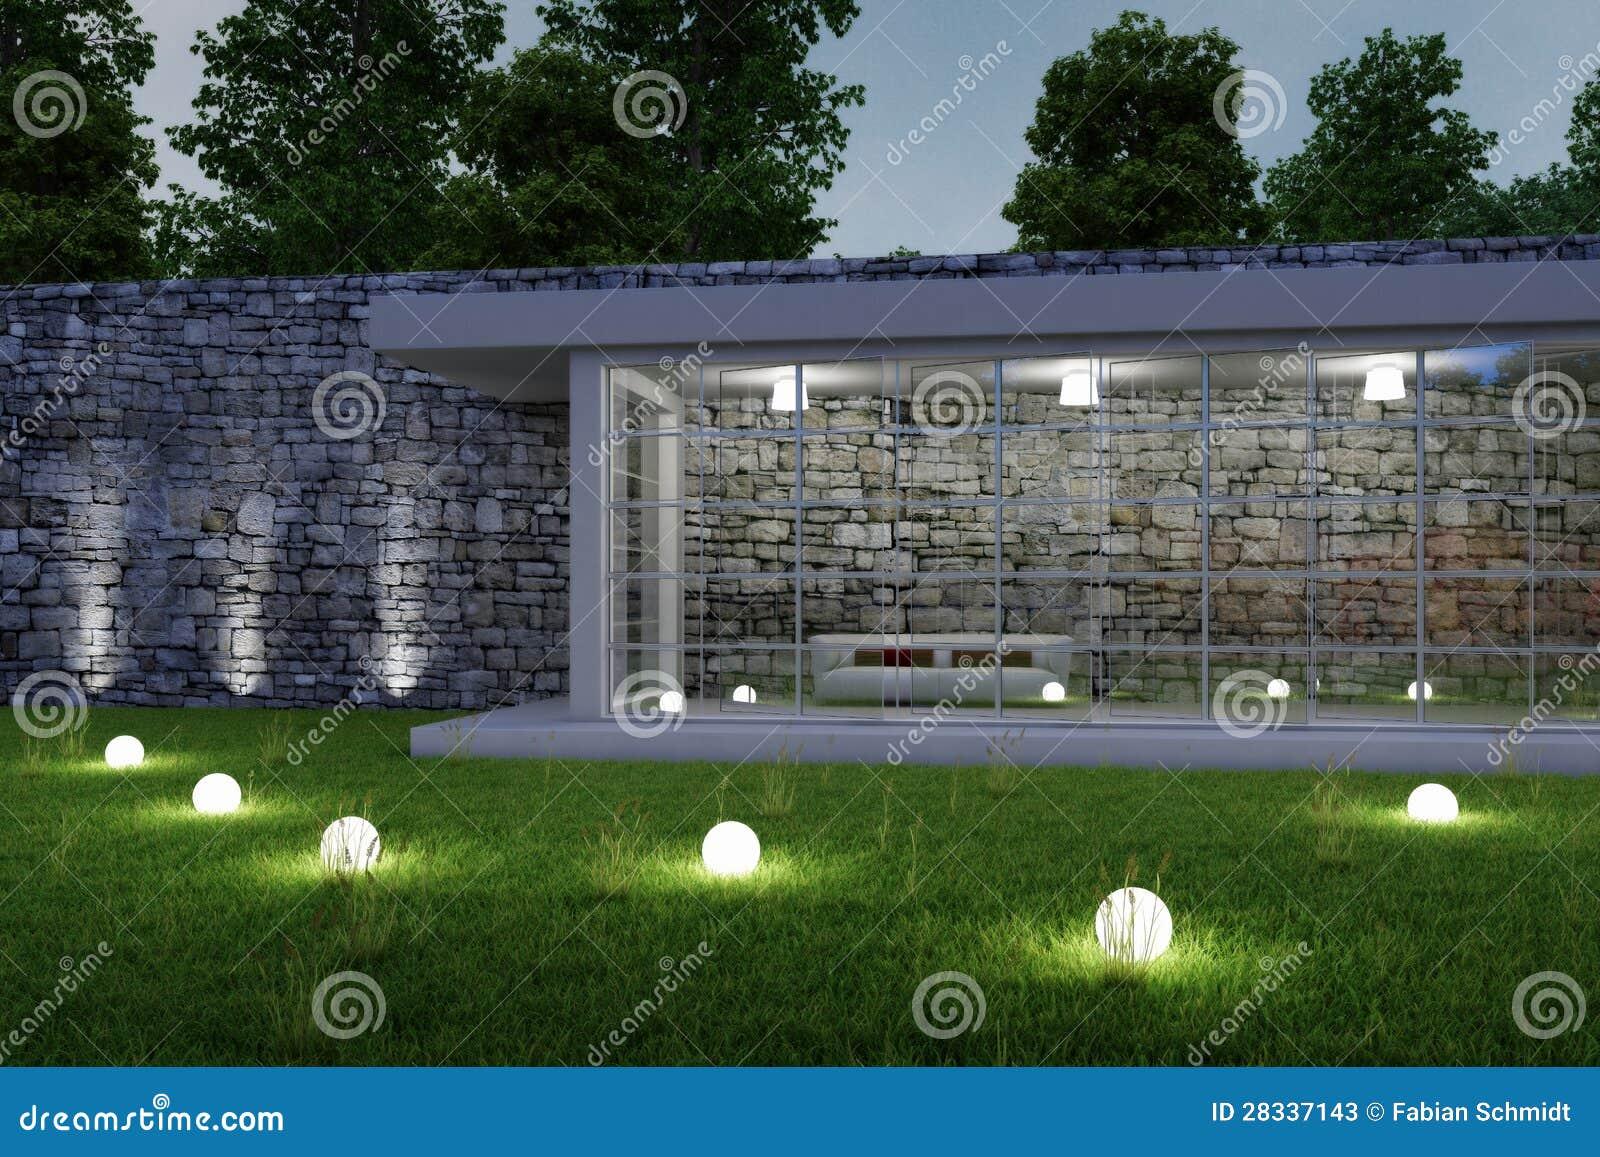 architettura del giardino entro la notte illustrazione di